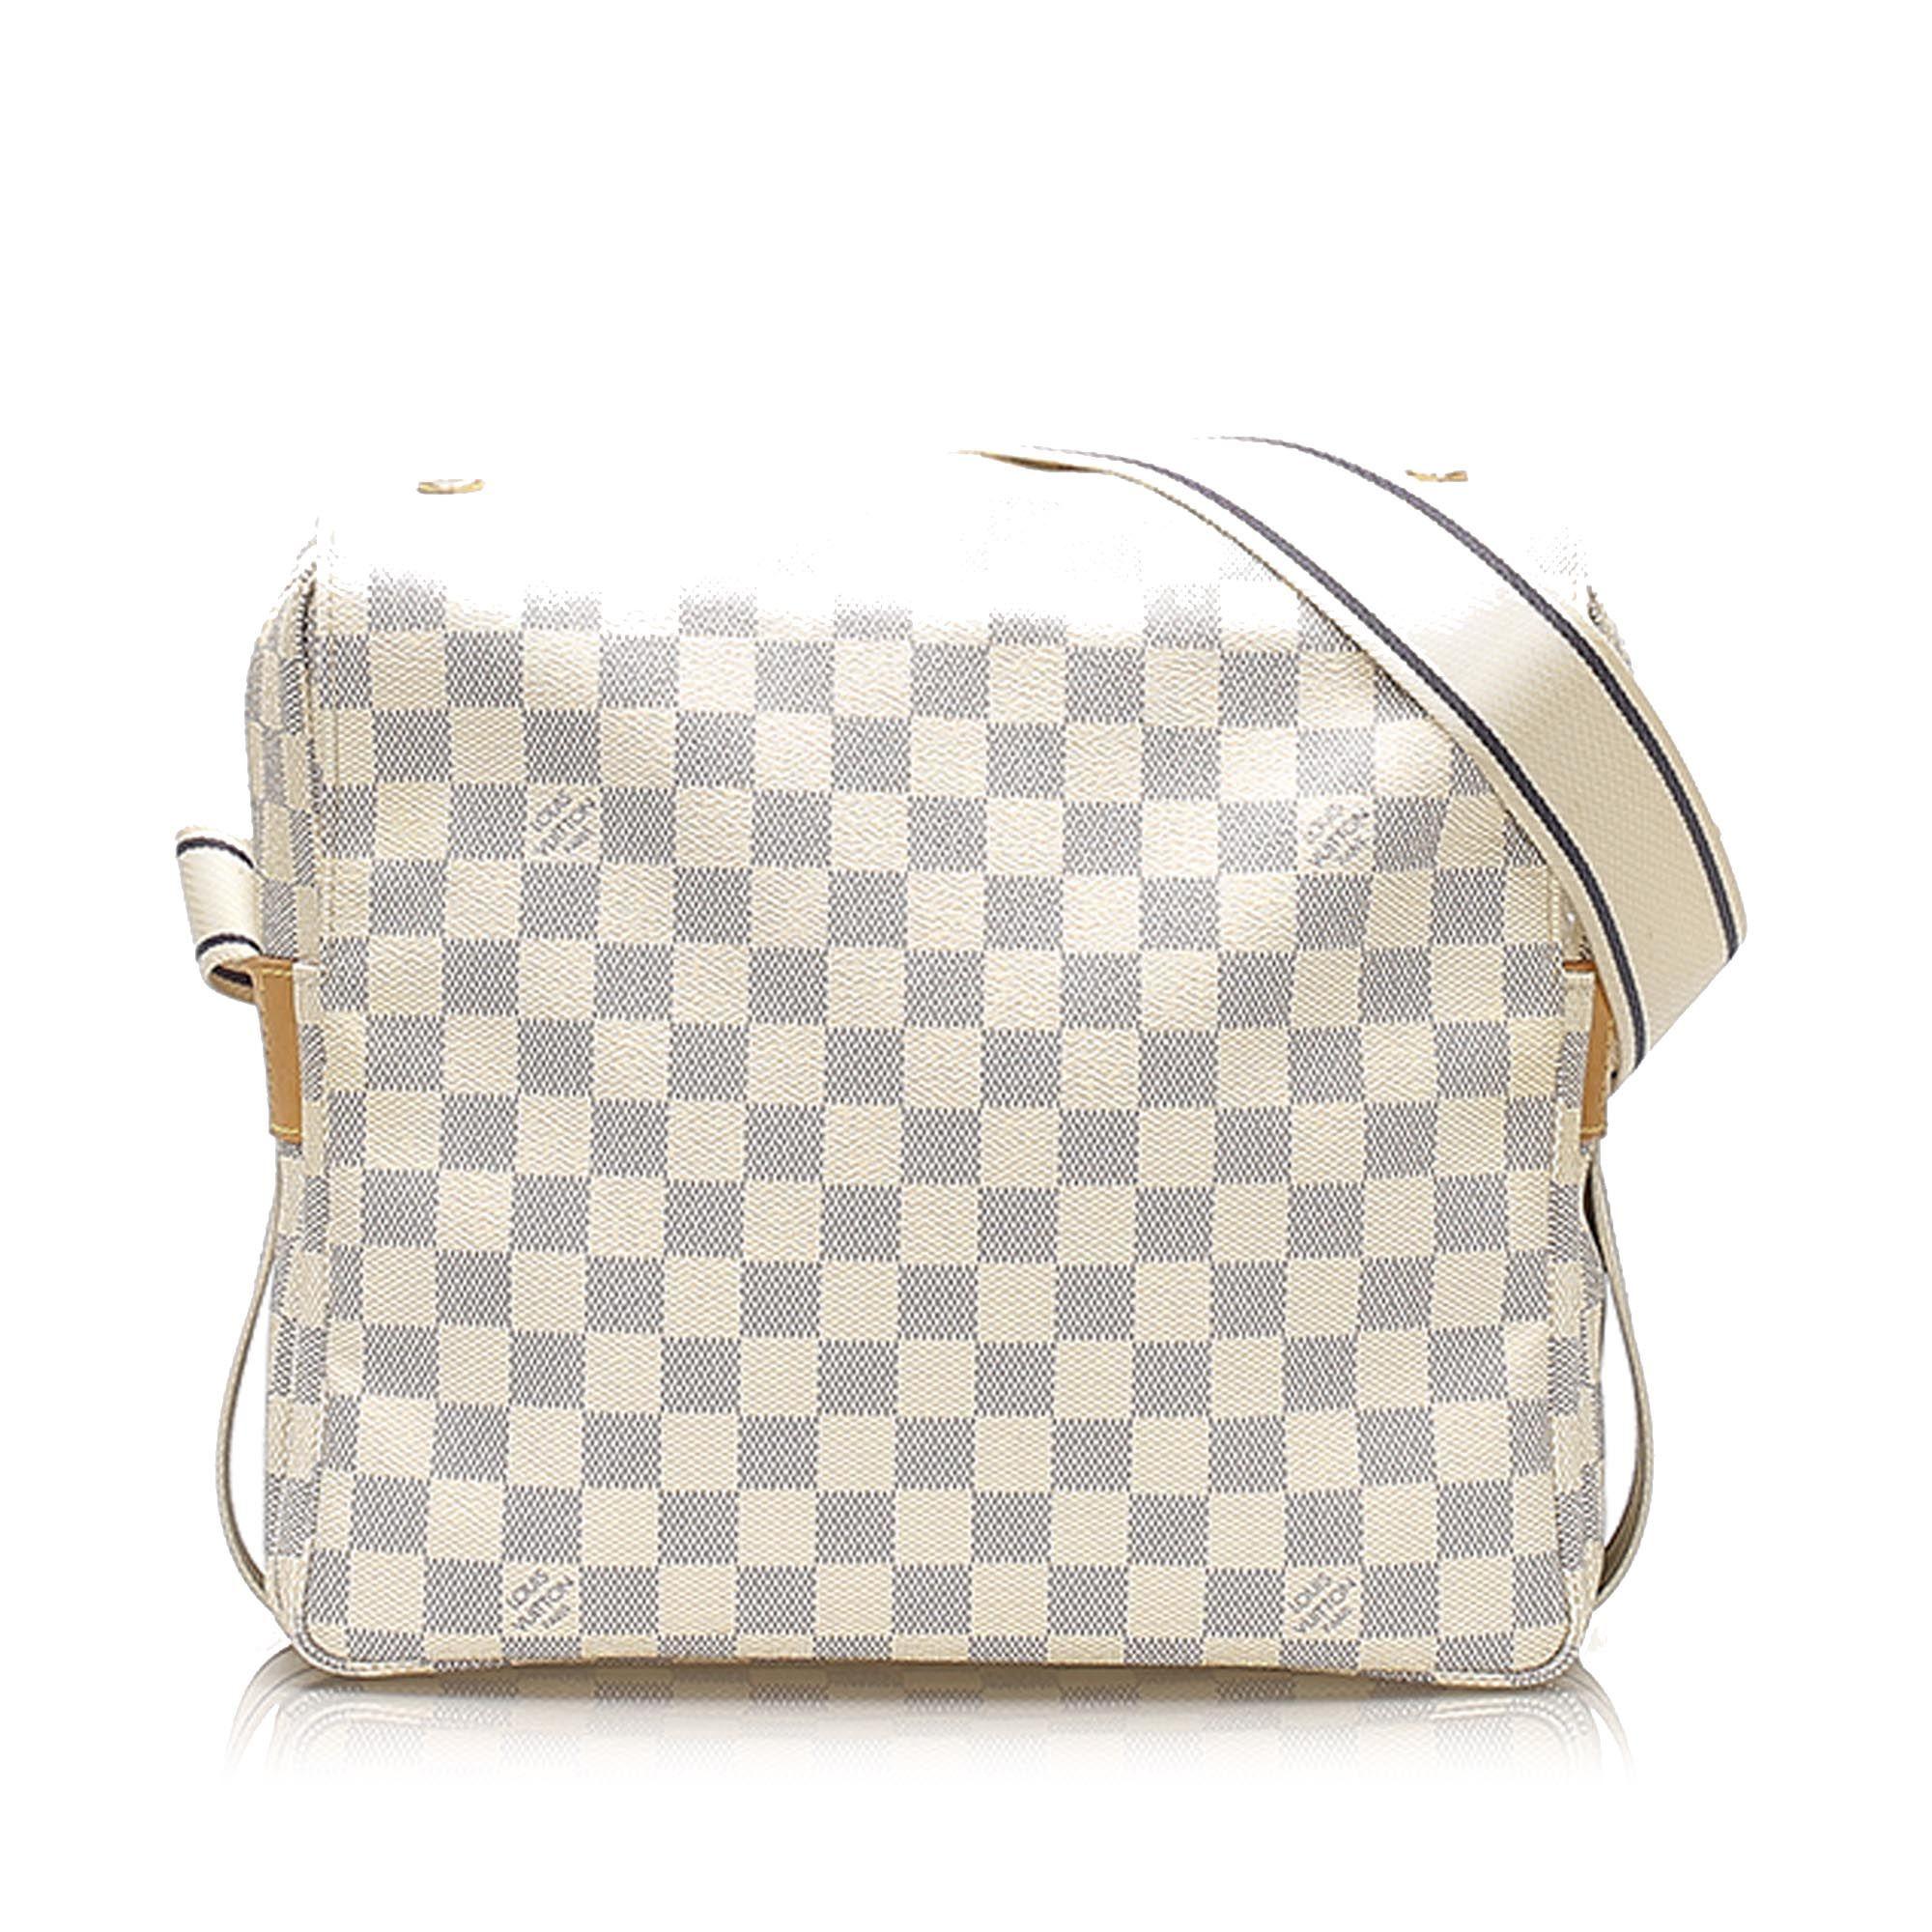 Vintage Louis Vuitton Damier Azur Naviglio White